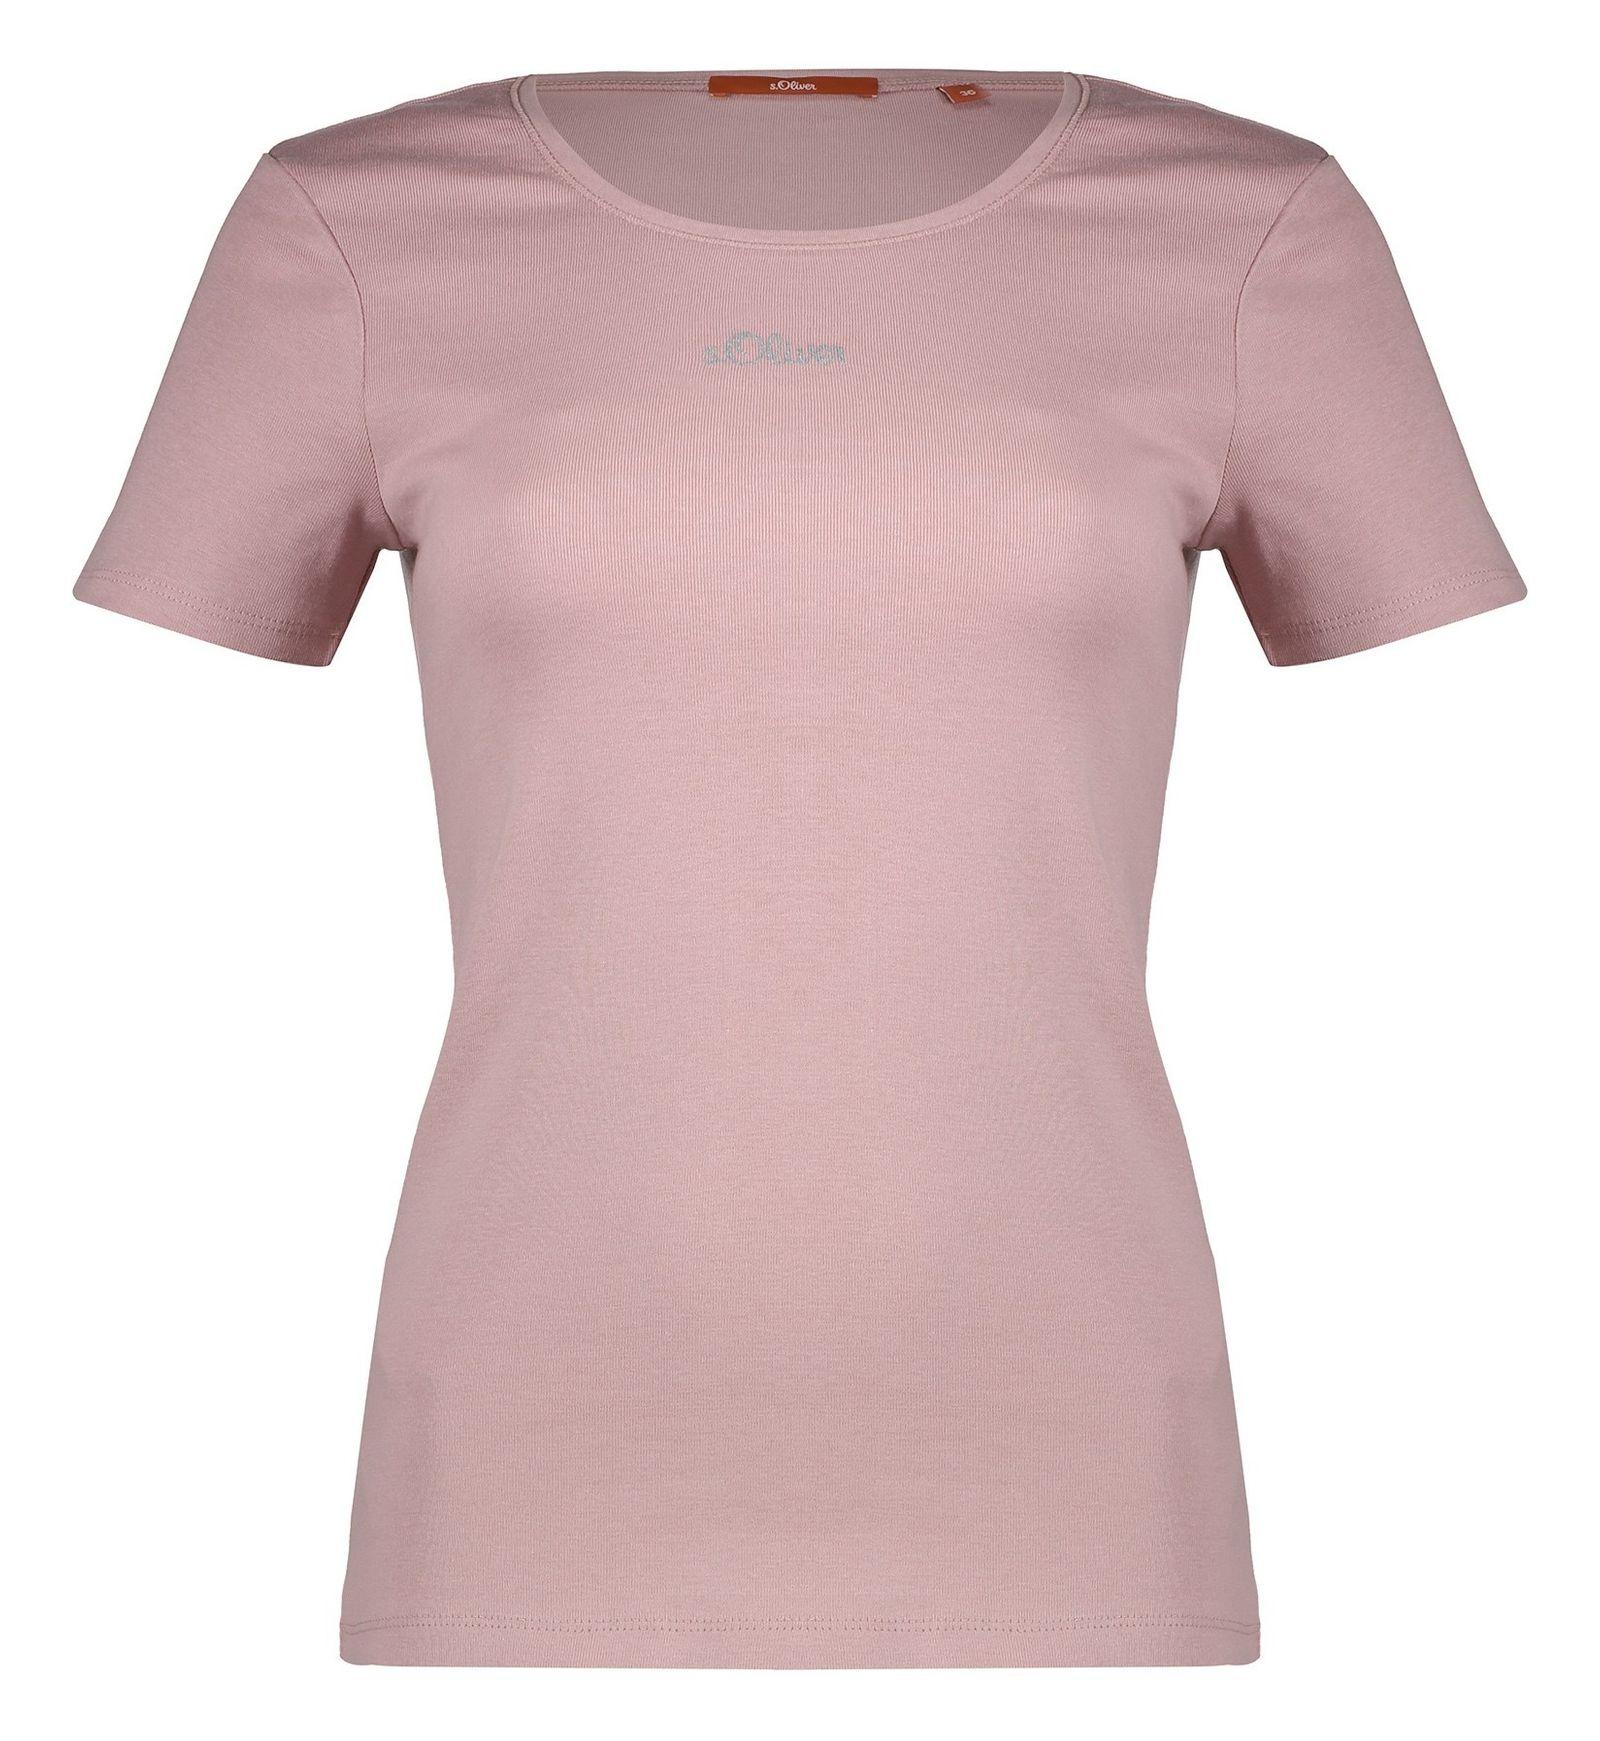 تی شرت نخی یقه گرد زنانه - اس.اولیور - رز گلد - 3